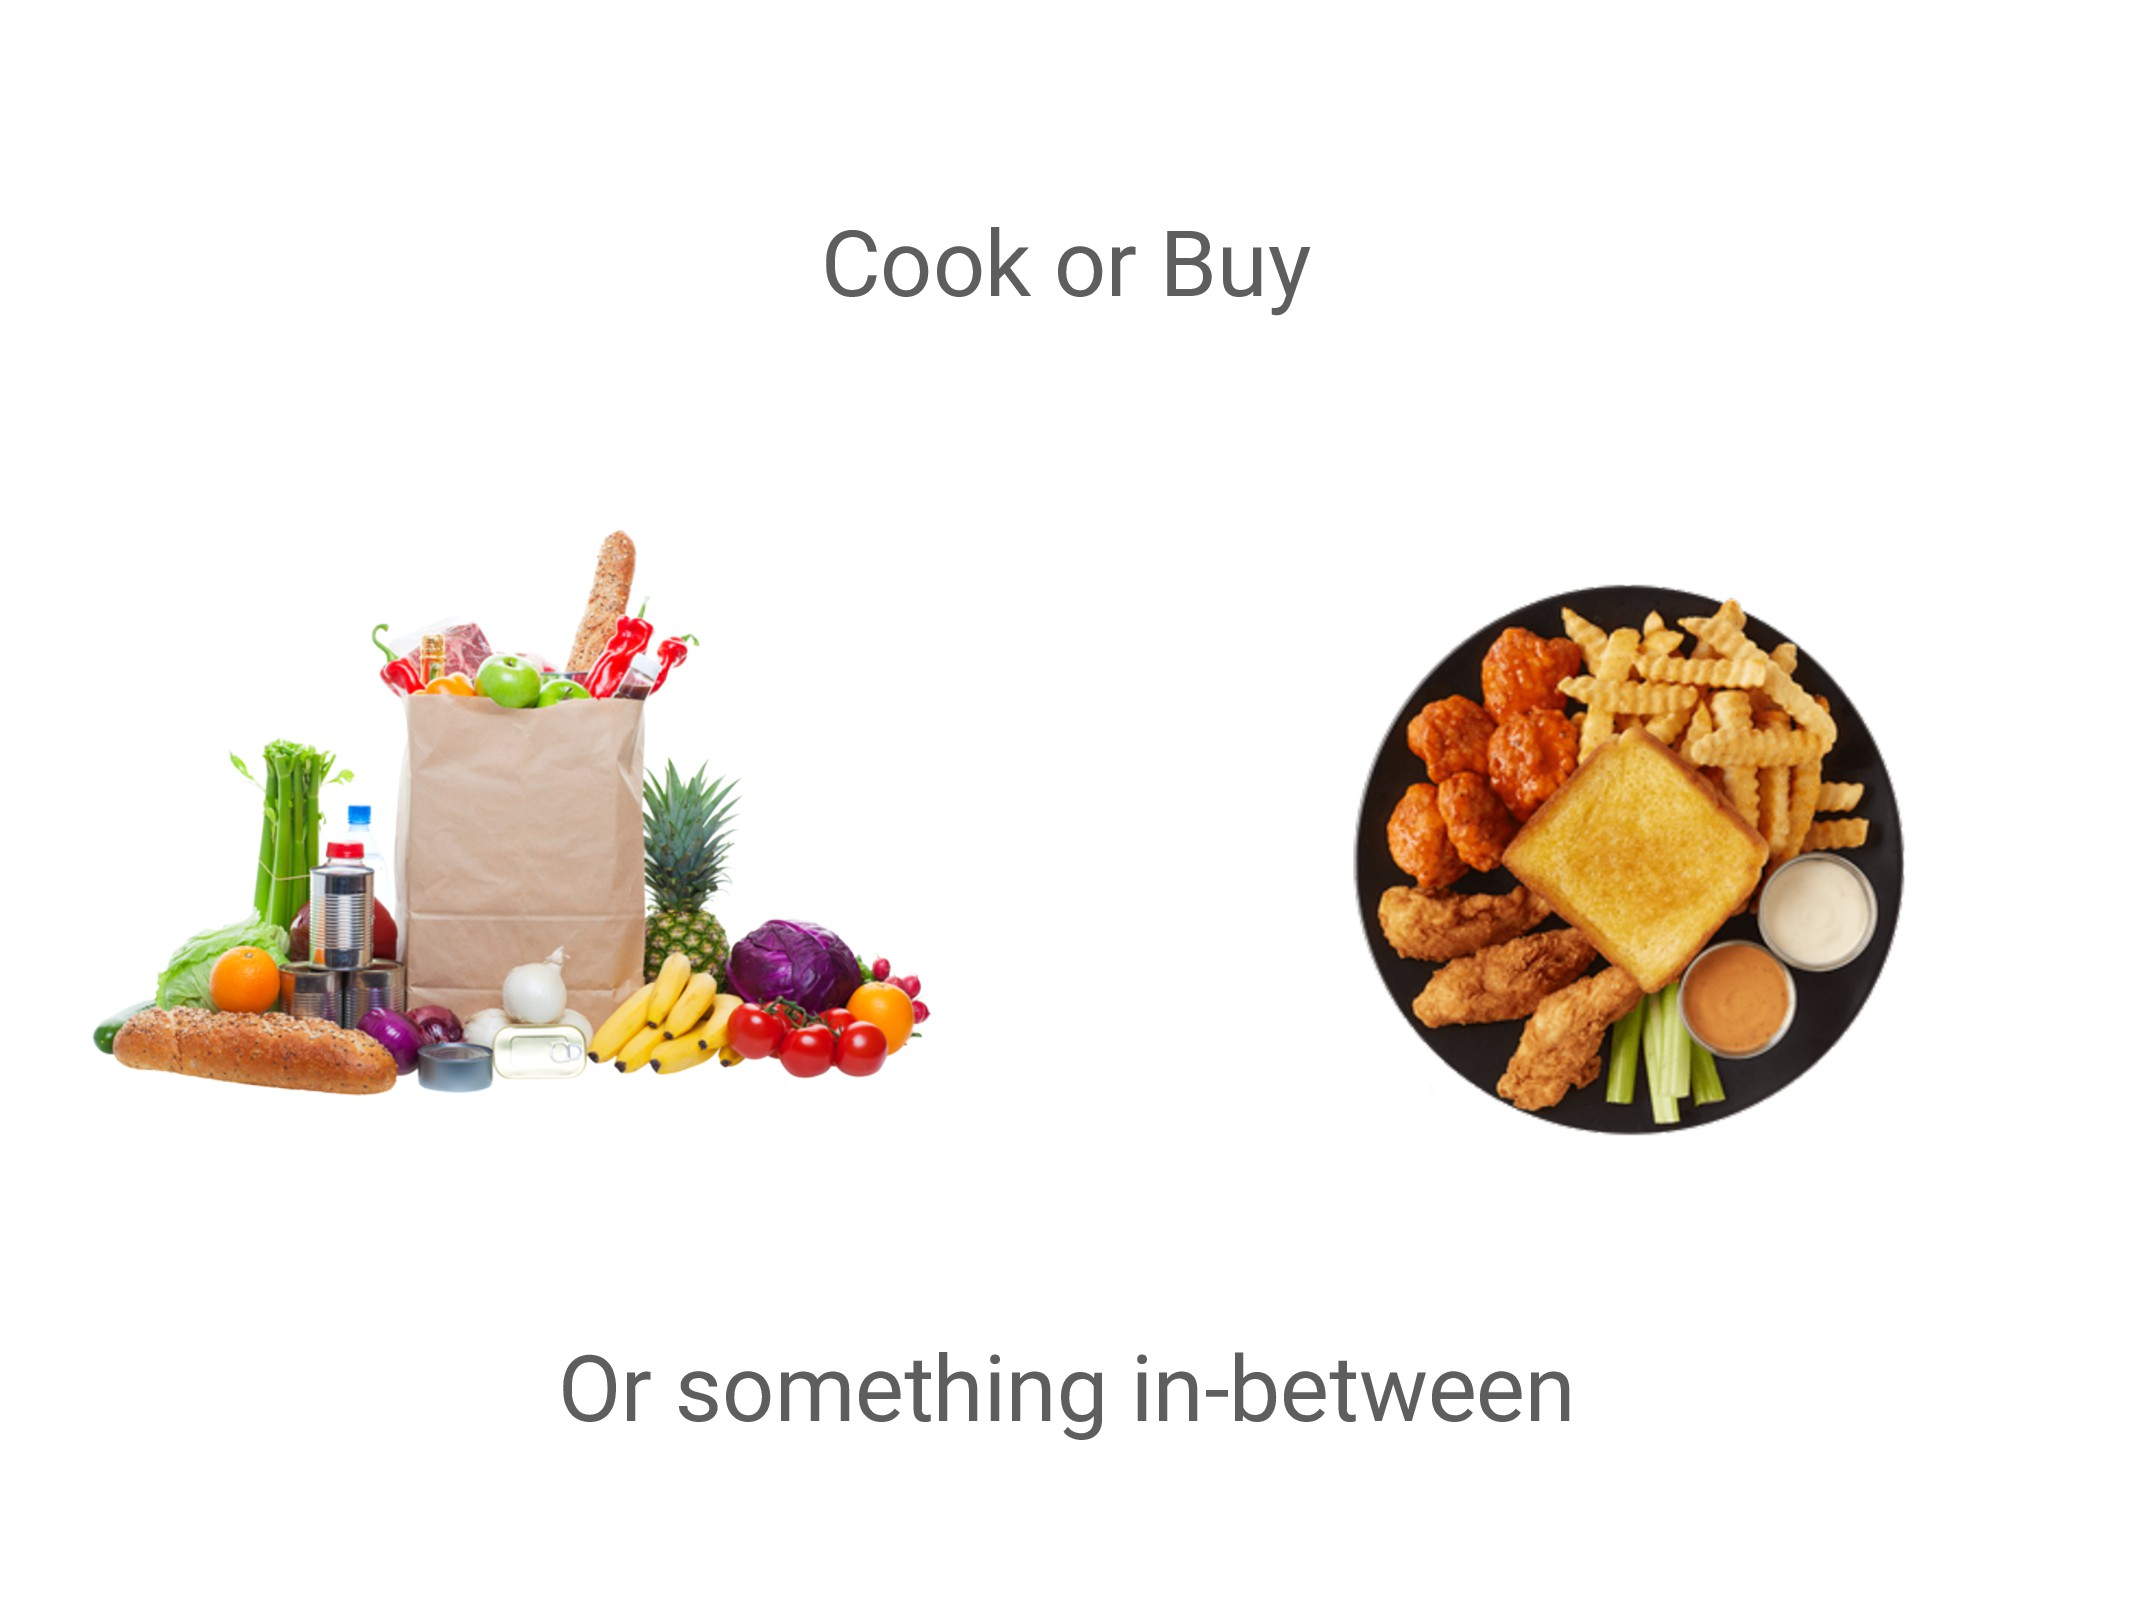 Or something in-between Cook or Buy